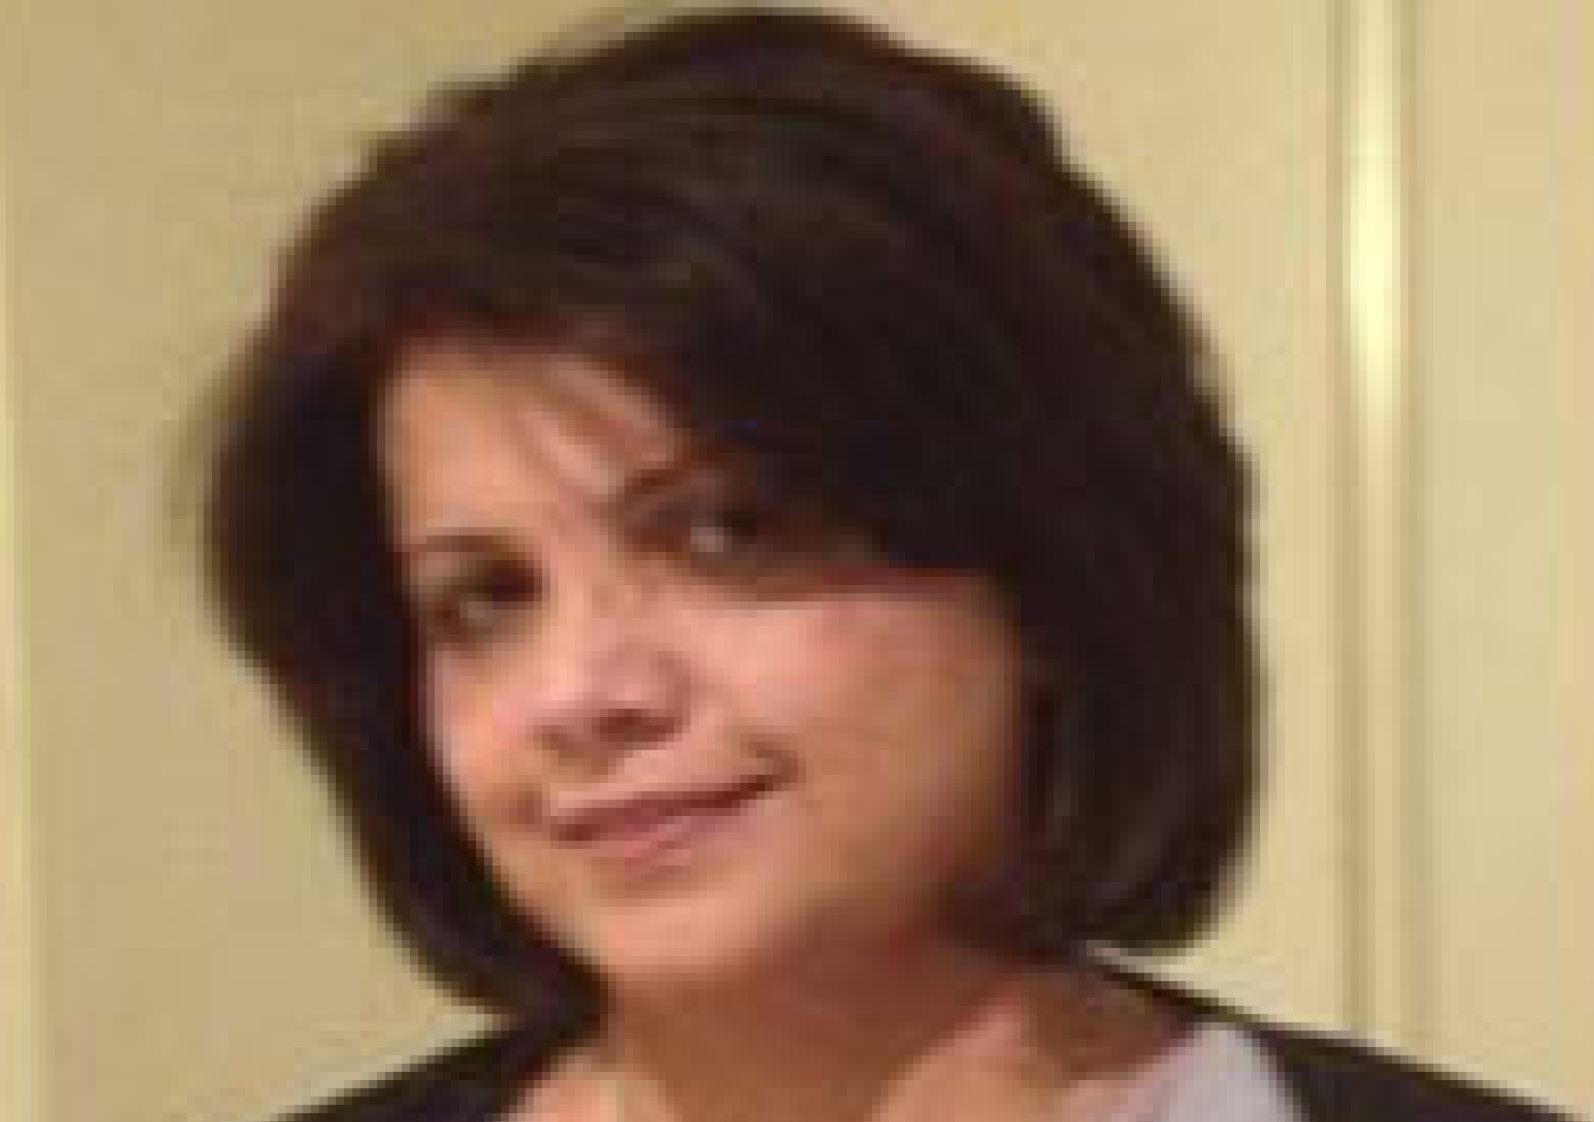 Fariha Khan